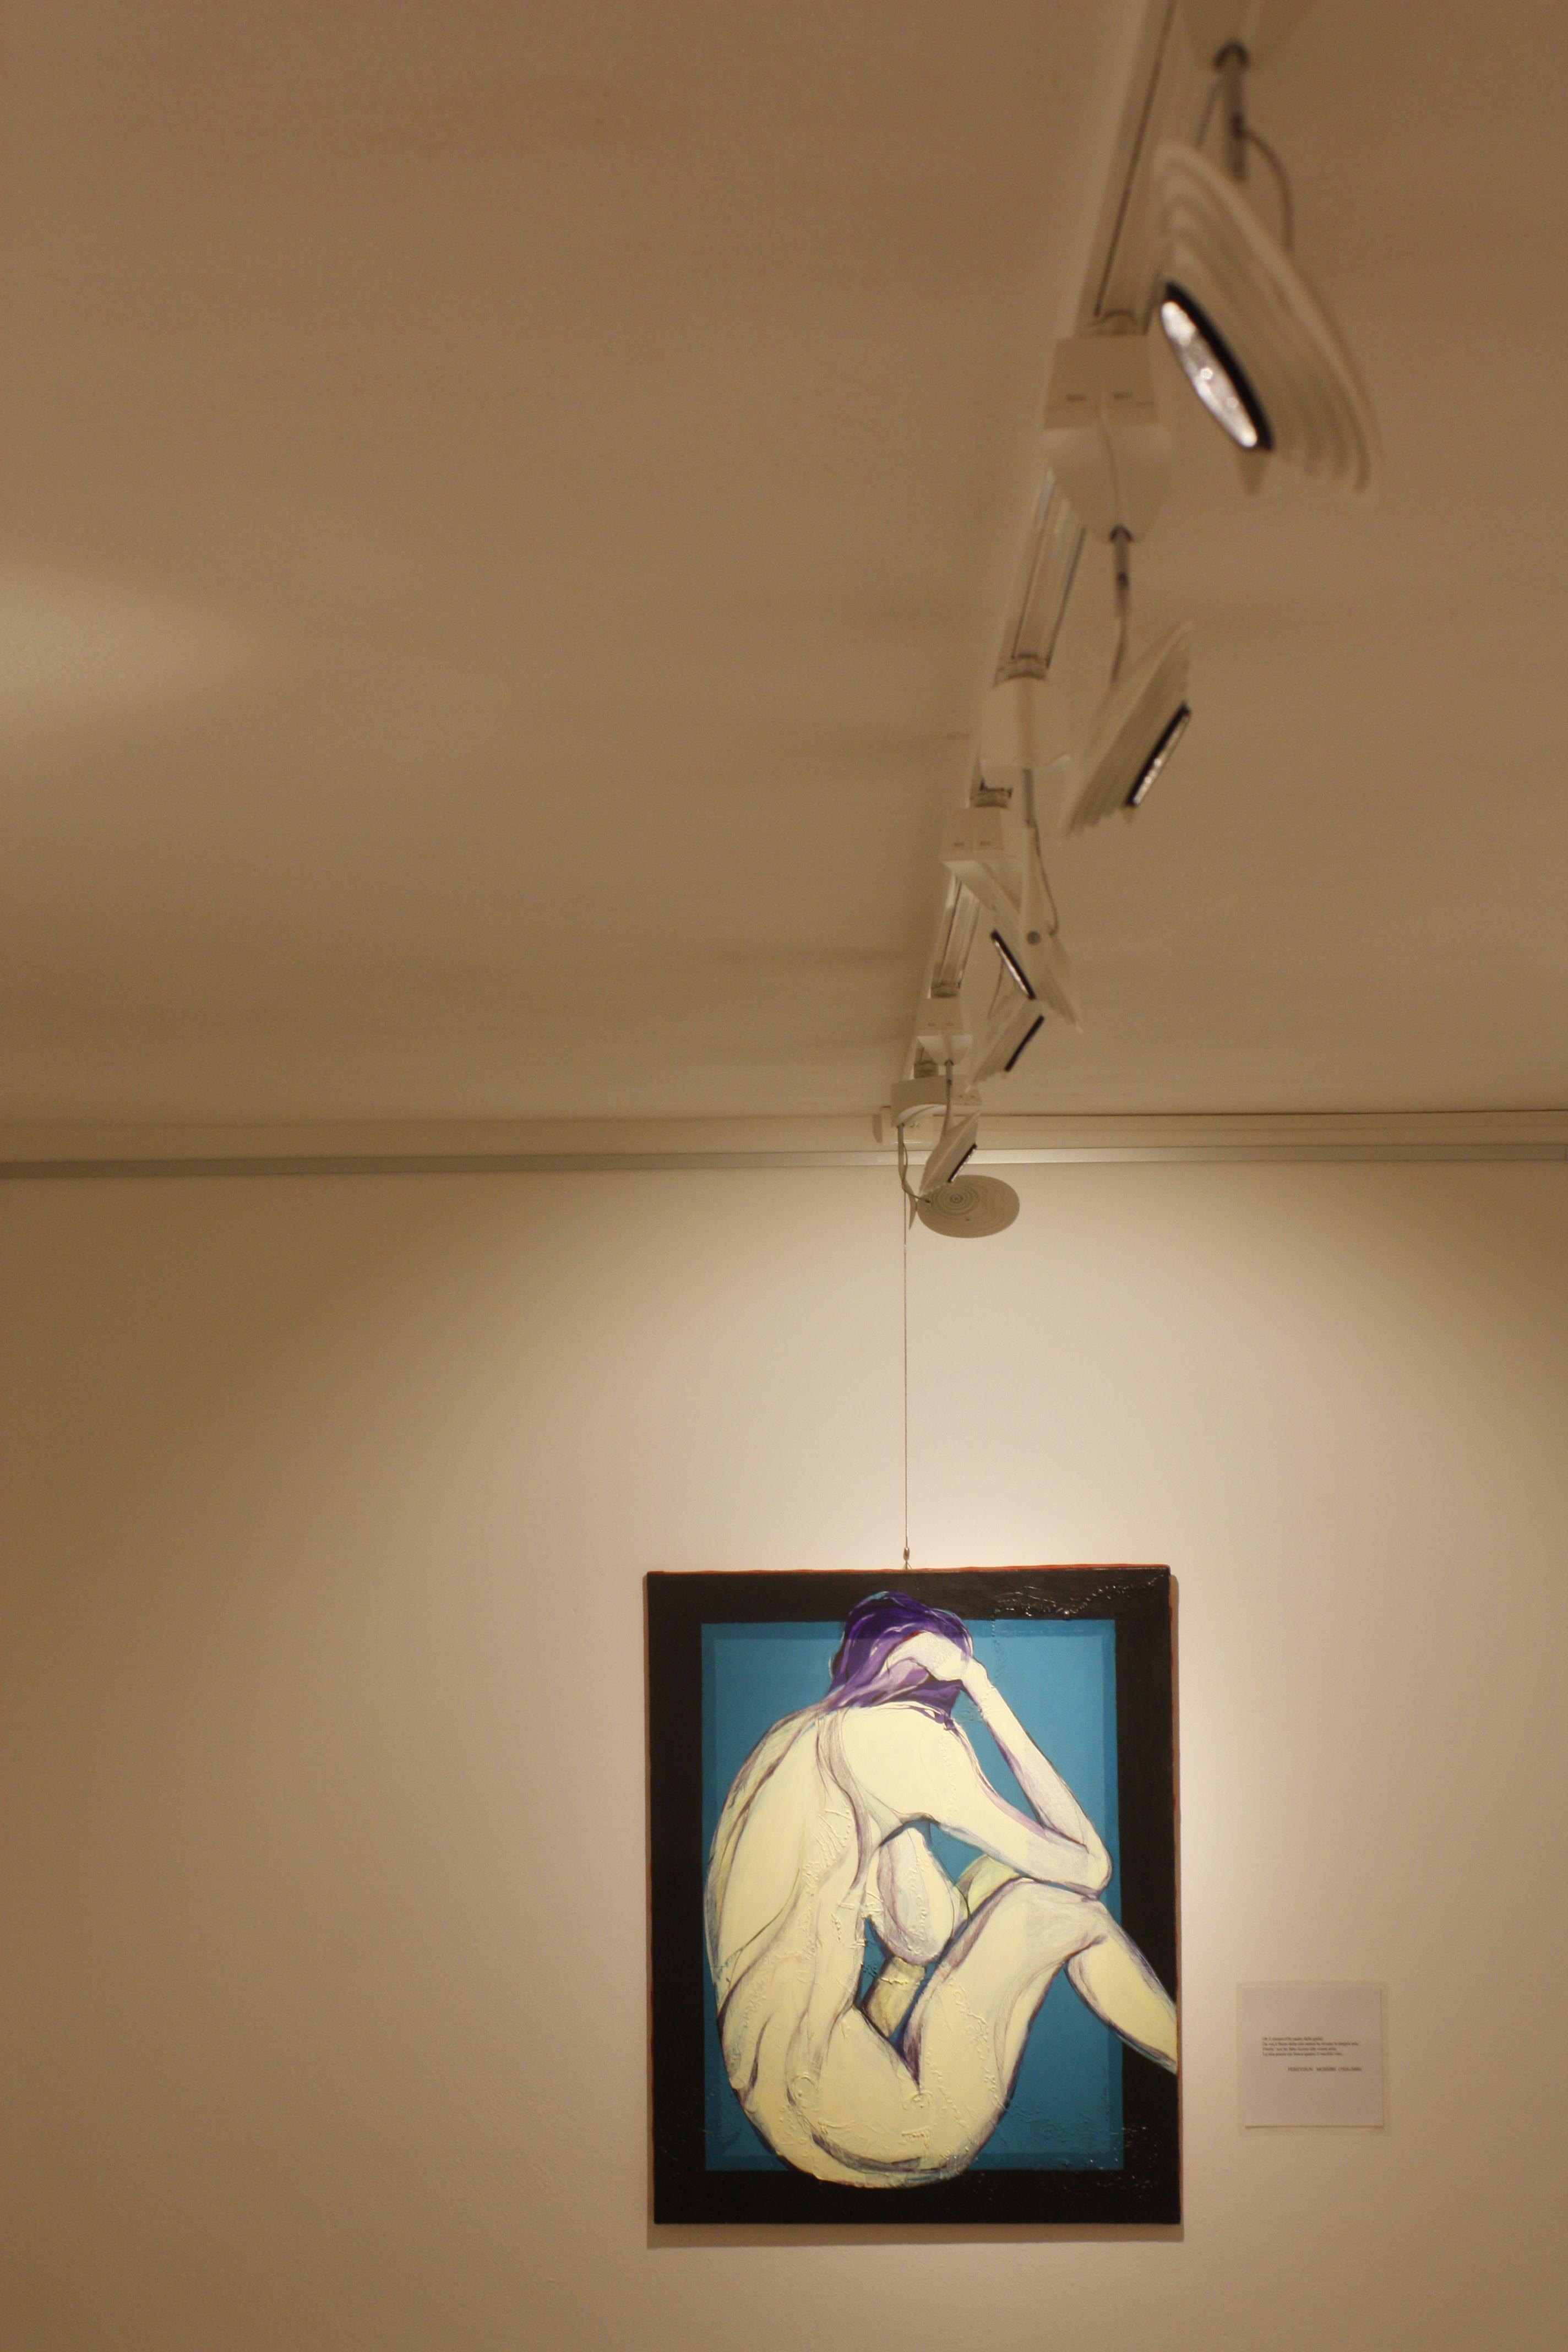 Illuminazione Faretti Binario: Paggetti impianti elettrici ...